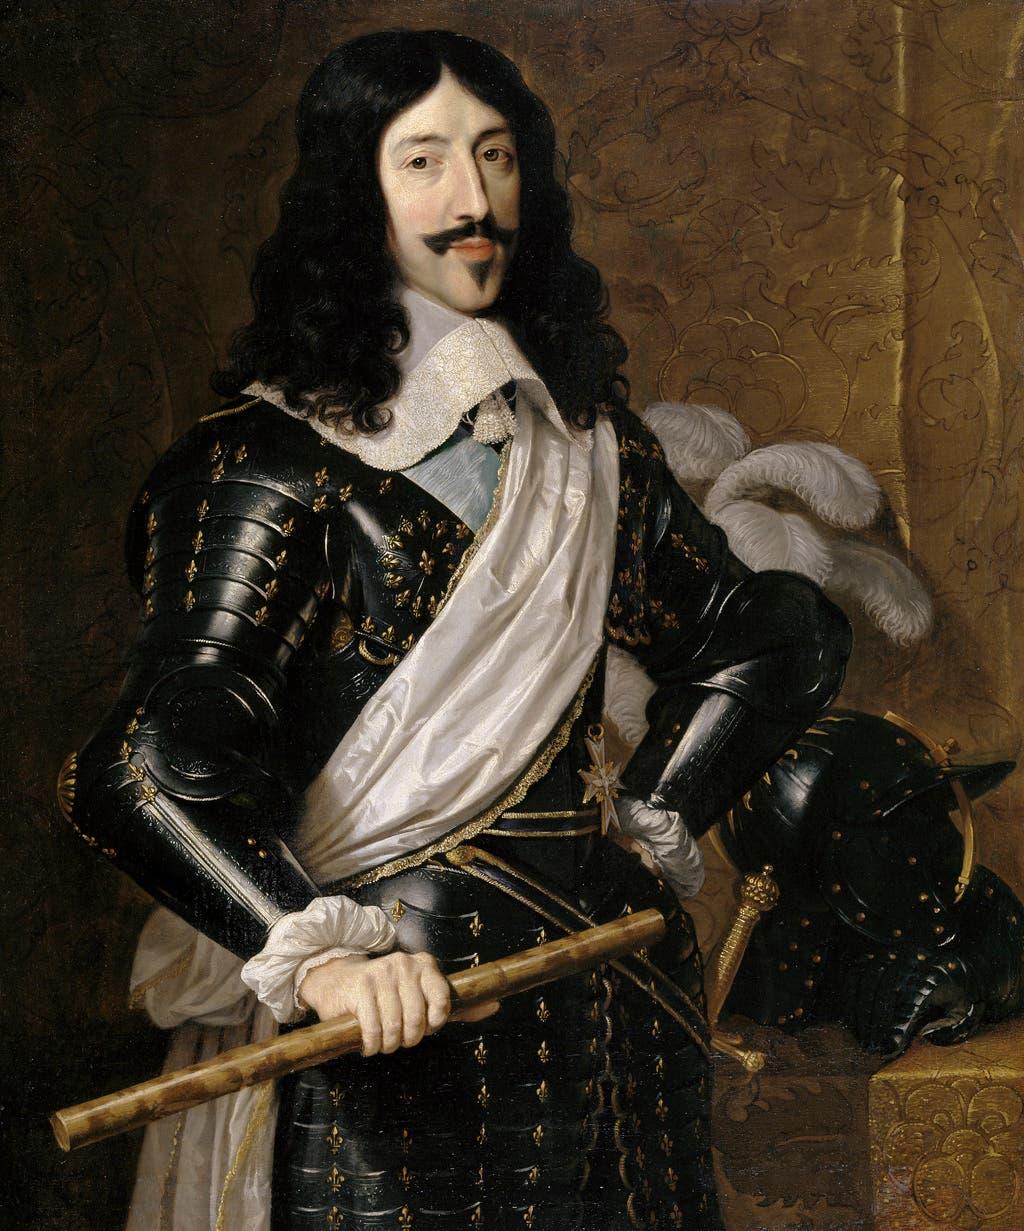 لوحة تجسد لويس الثالث عشر